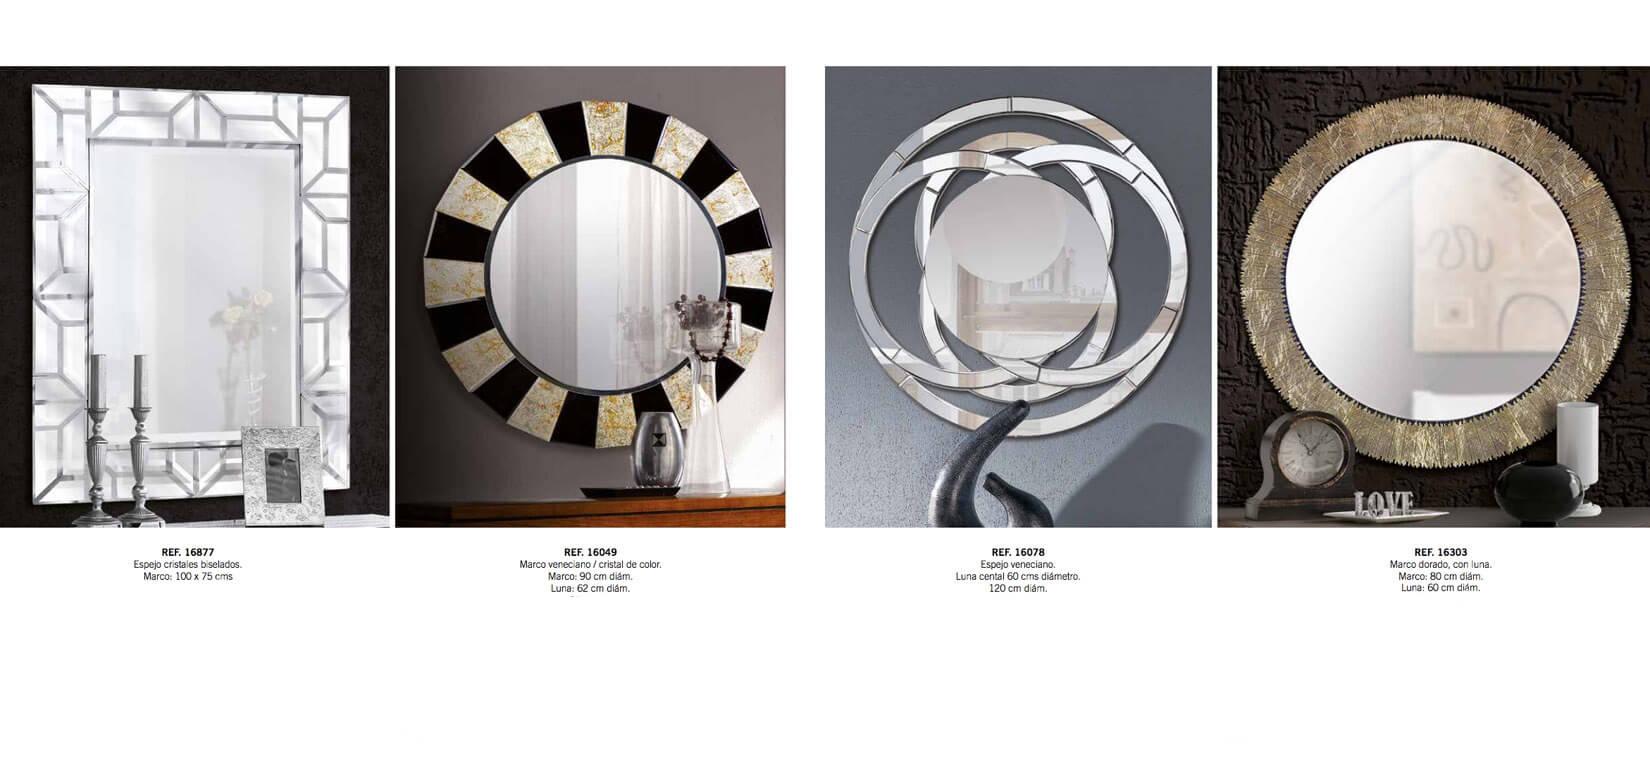 Interiorismo Espejos GYC - Ref. 0017